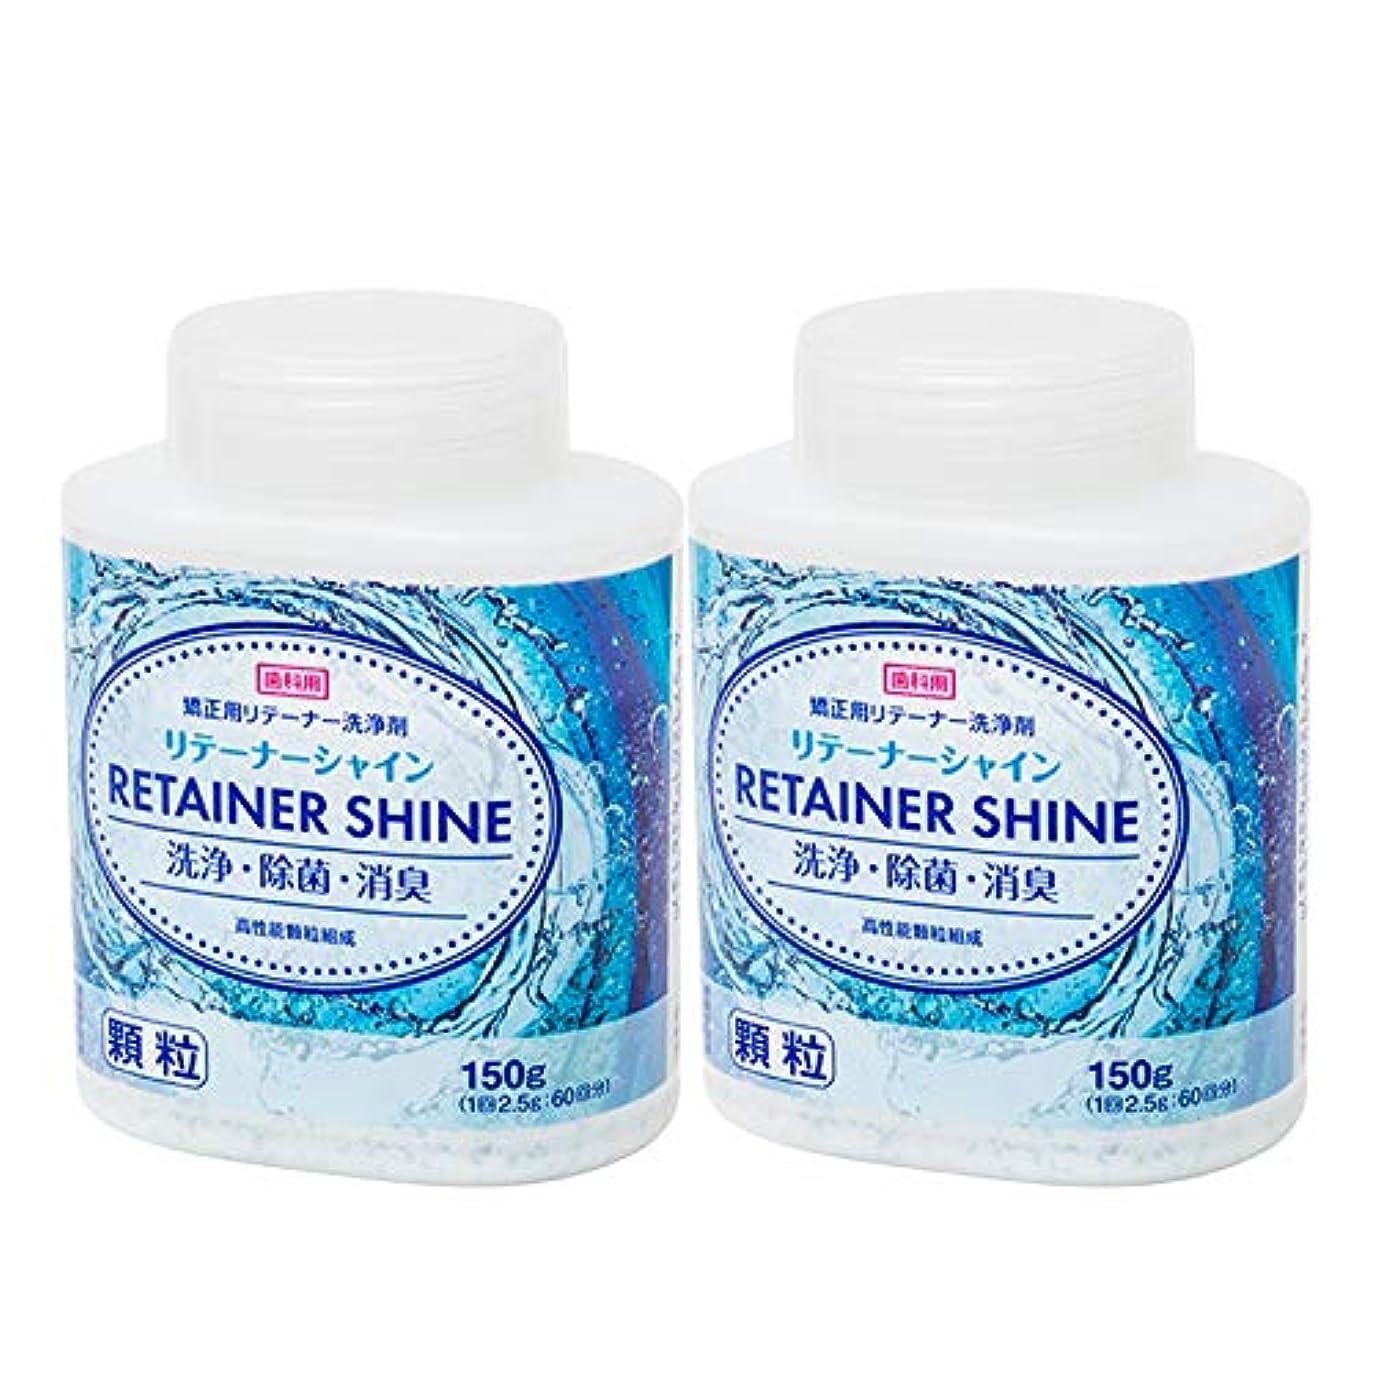 採用ノートセレナリテーナーシャイン 顆粒150g×2個 歯科専売品 矯正用リテーナー洗浄剤